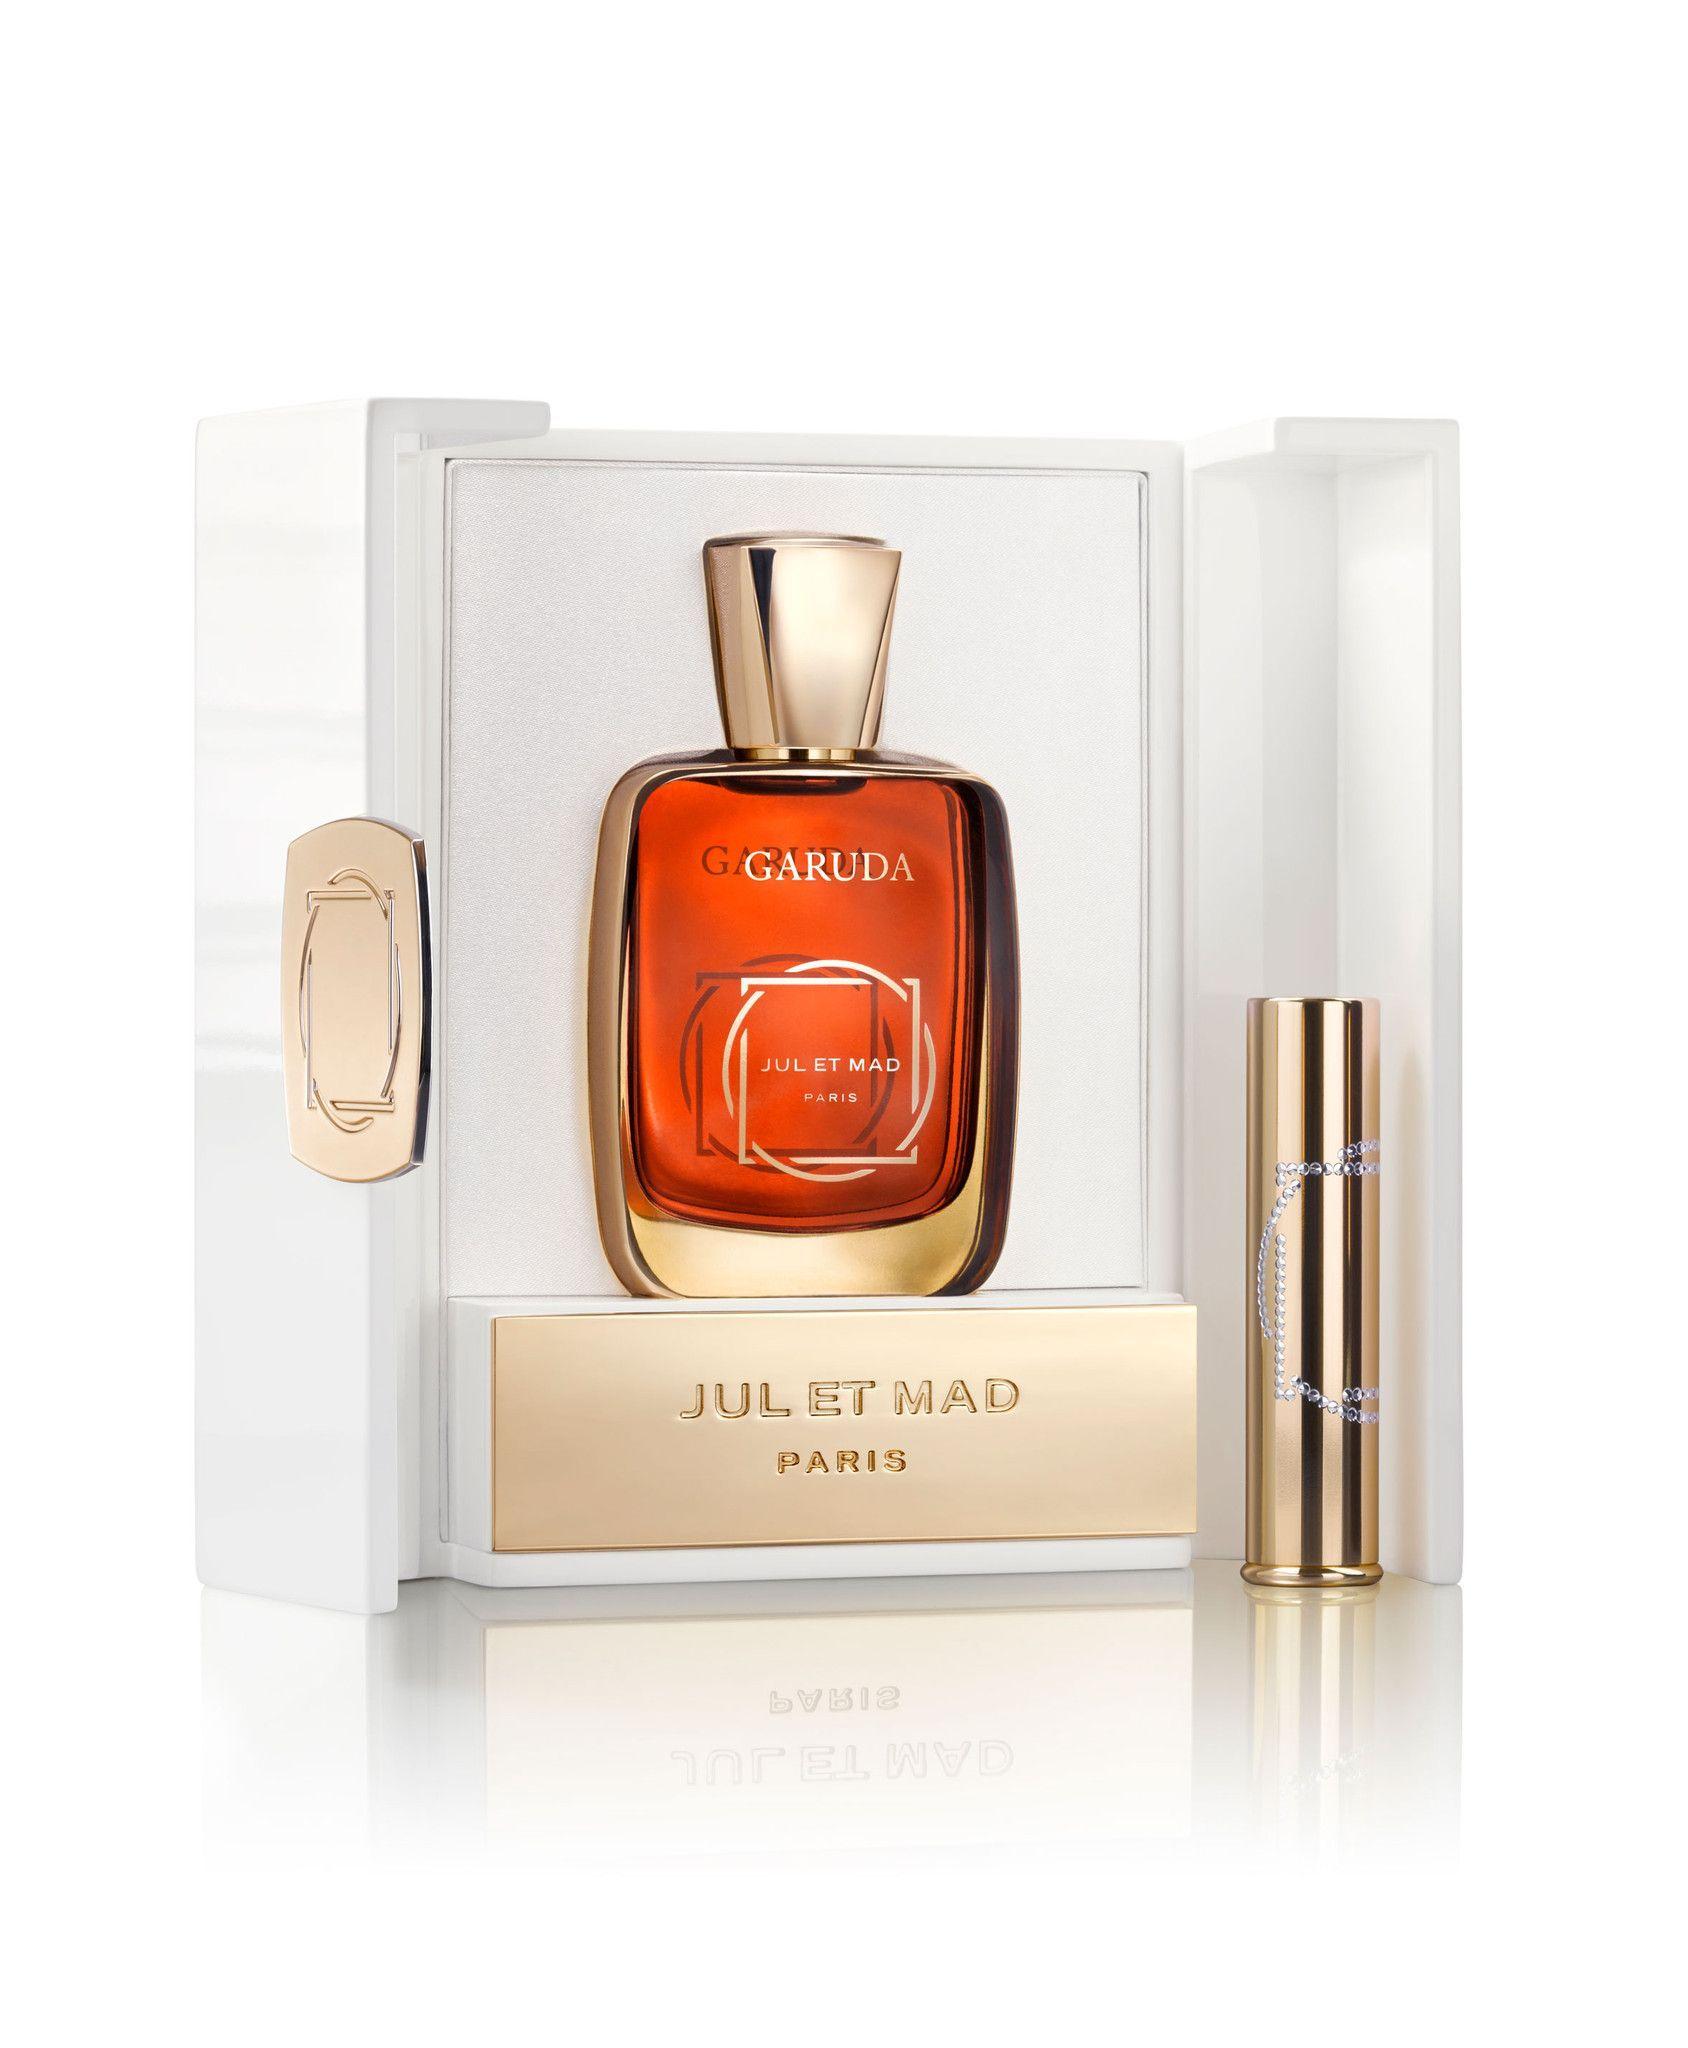 Garuda Extrait De Parfum Luxury Coffret Products Pinterest